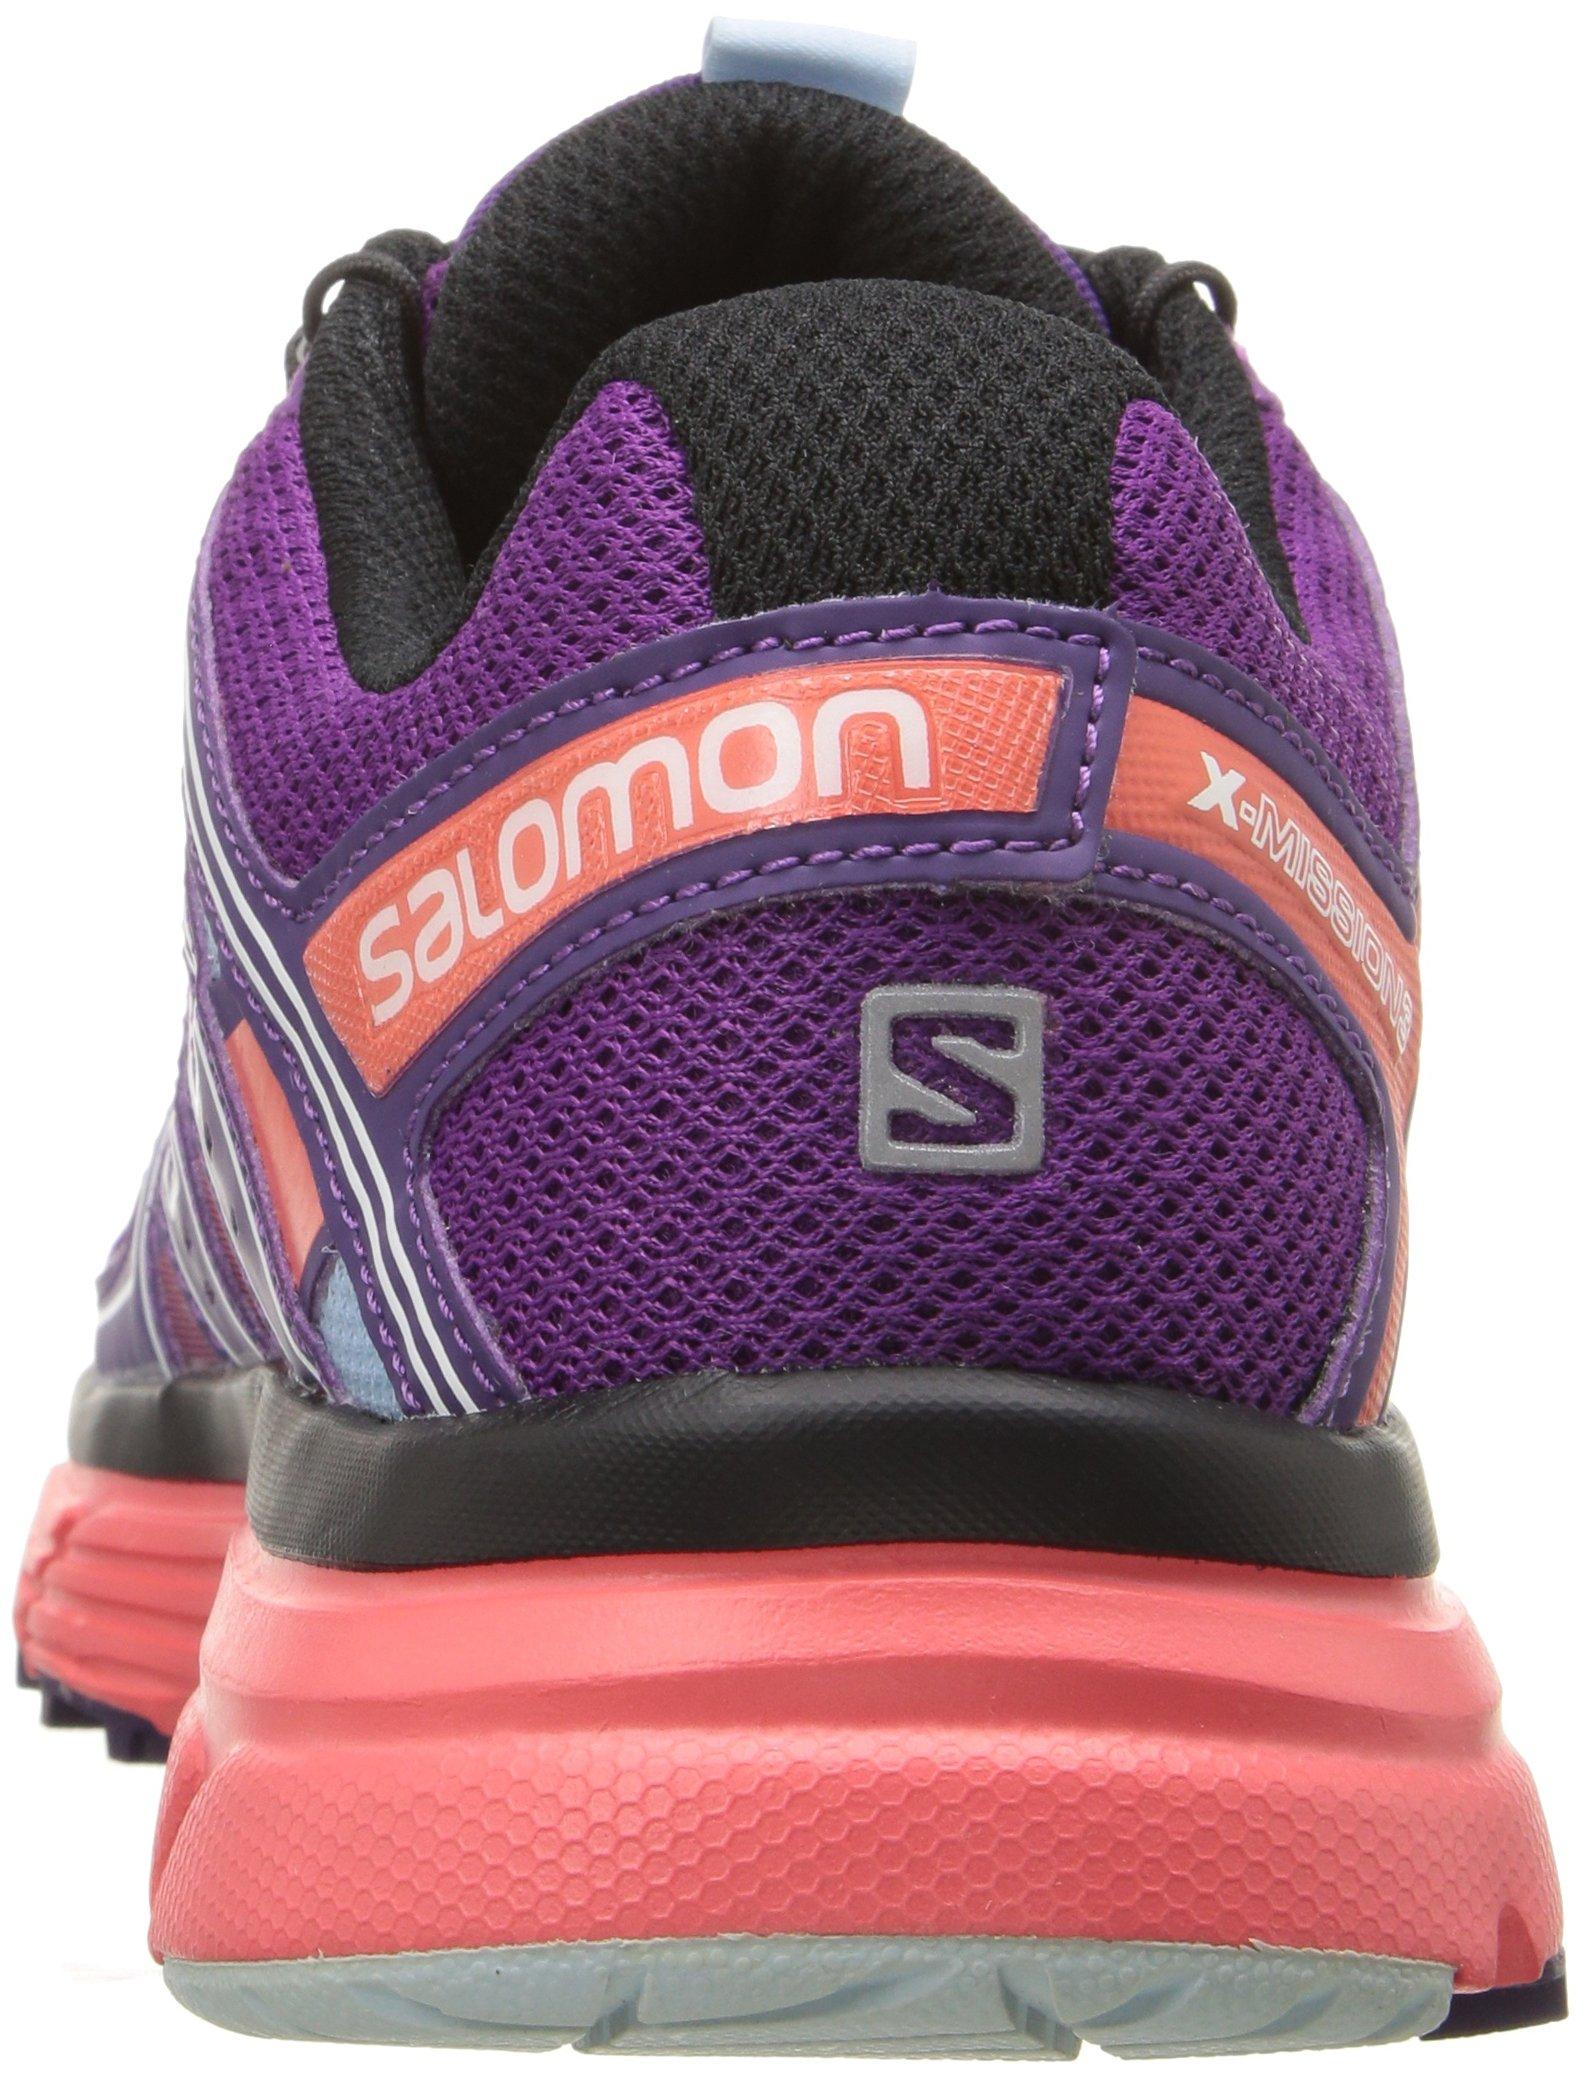 b4c1ed26fe3e Salomon Women s X-Mission 3 CS W Trail Runner